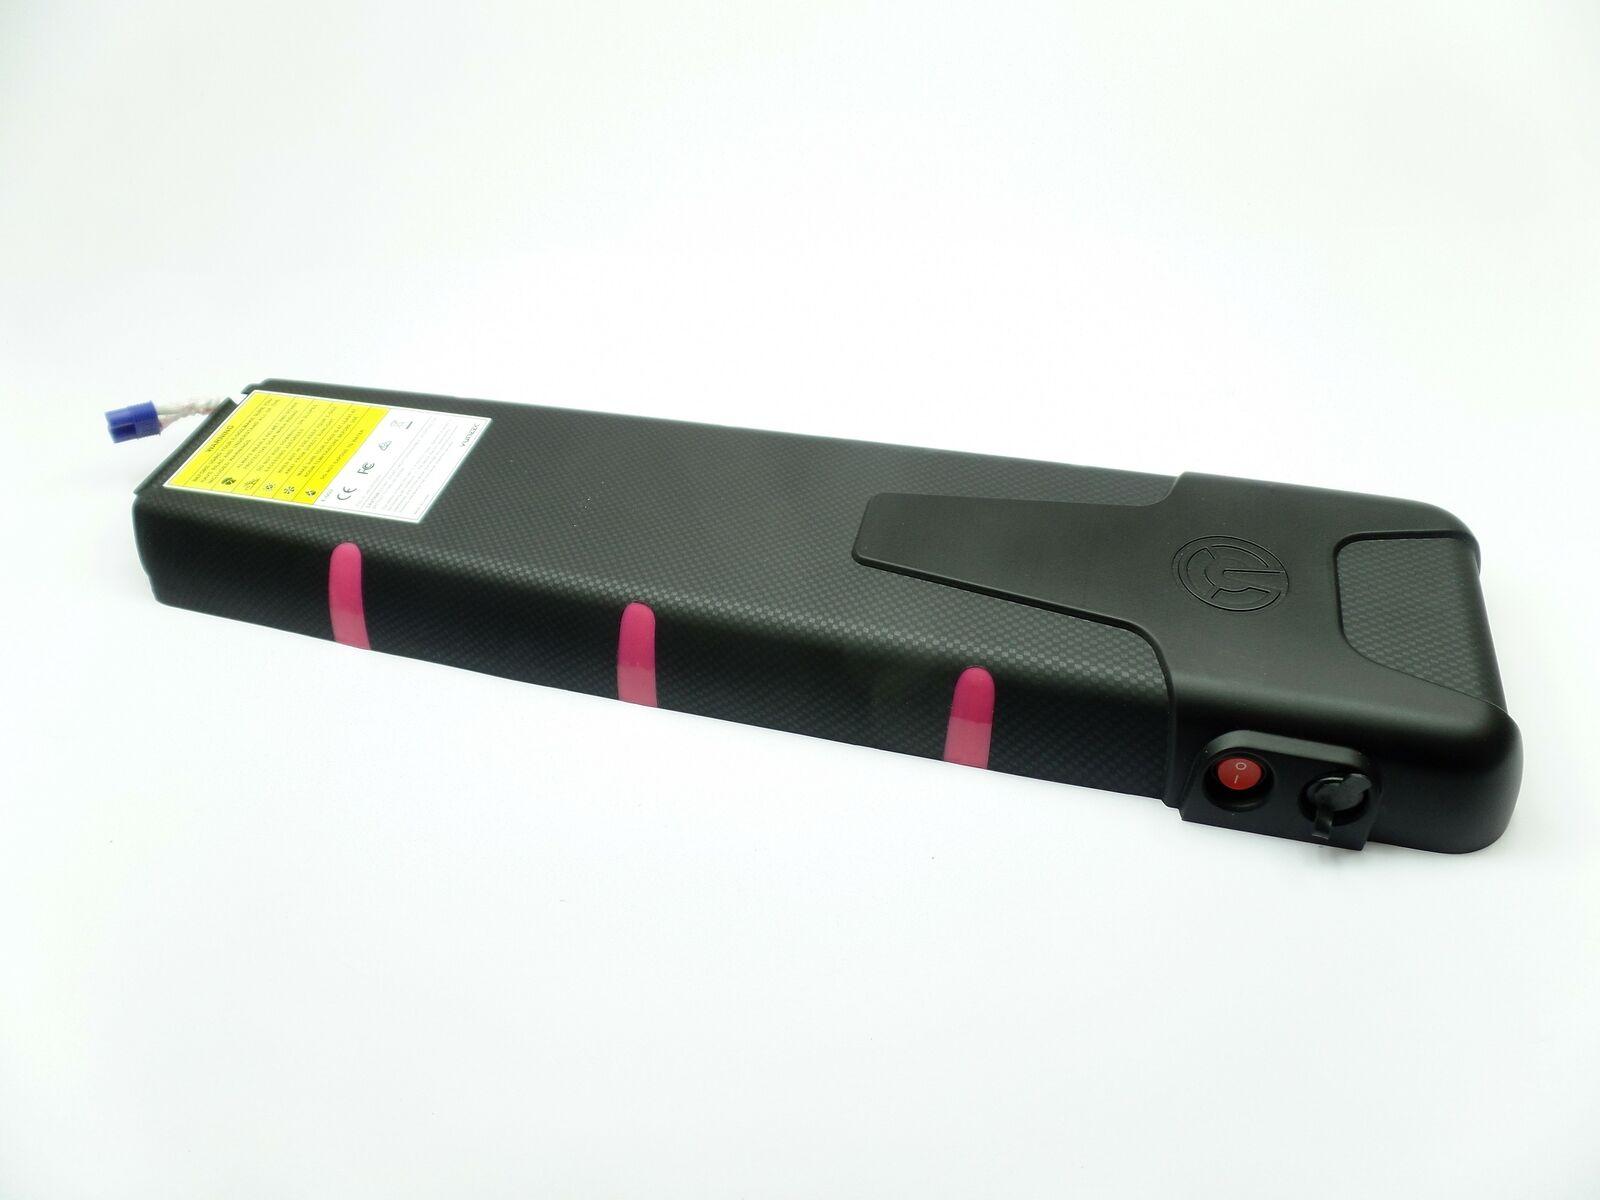 la vostra soddisfazione è il nostro obiettivo Yuneec E-GO 2 parte di ricambio egocr 014 Batteria Batteria Batteria agli ioni di litio 25,2V 8,7A yeg ®  merce di alta qualità e servizio conveniente e onesto